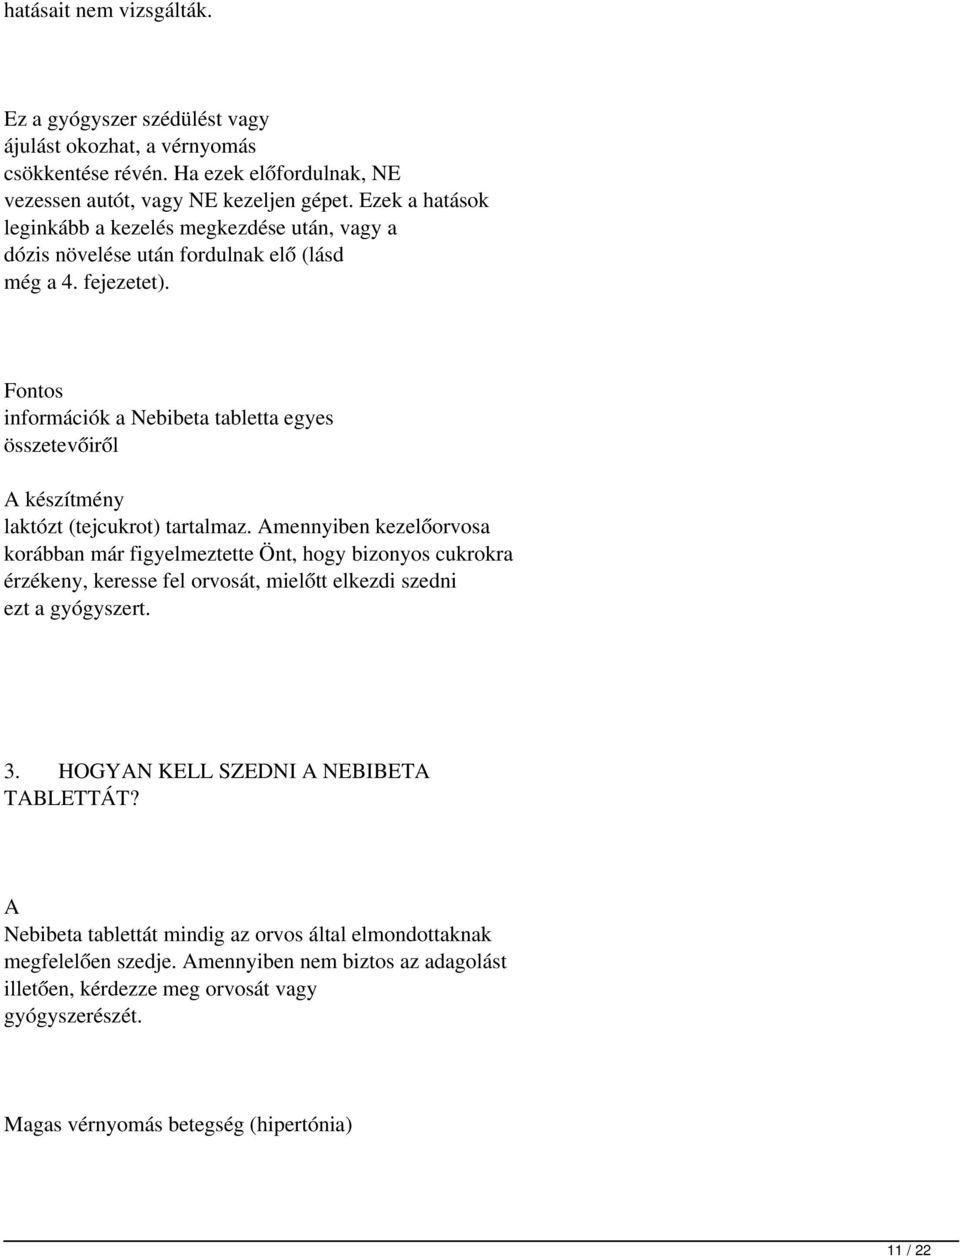 ATENOMEL mg filmtabletta - Gyógyszerkereső - Hátipont.hu